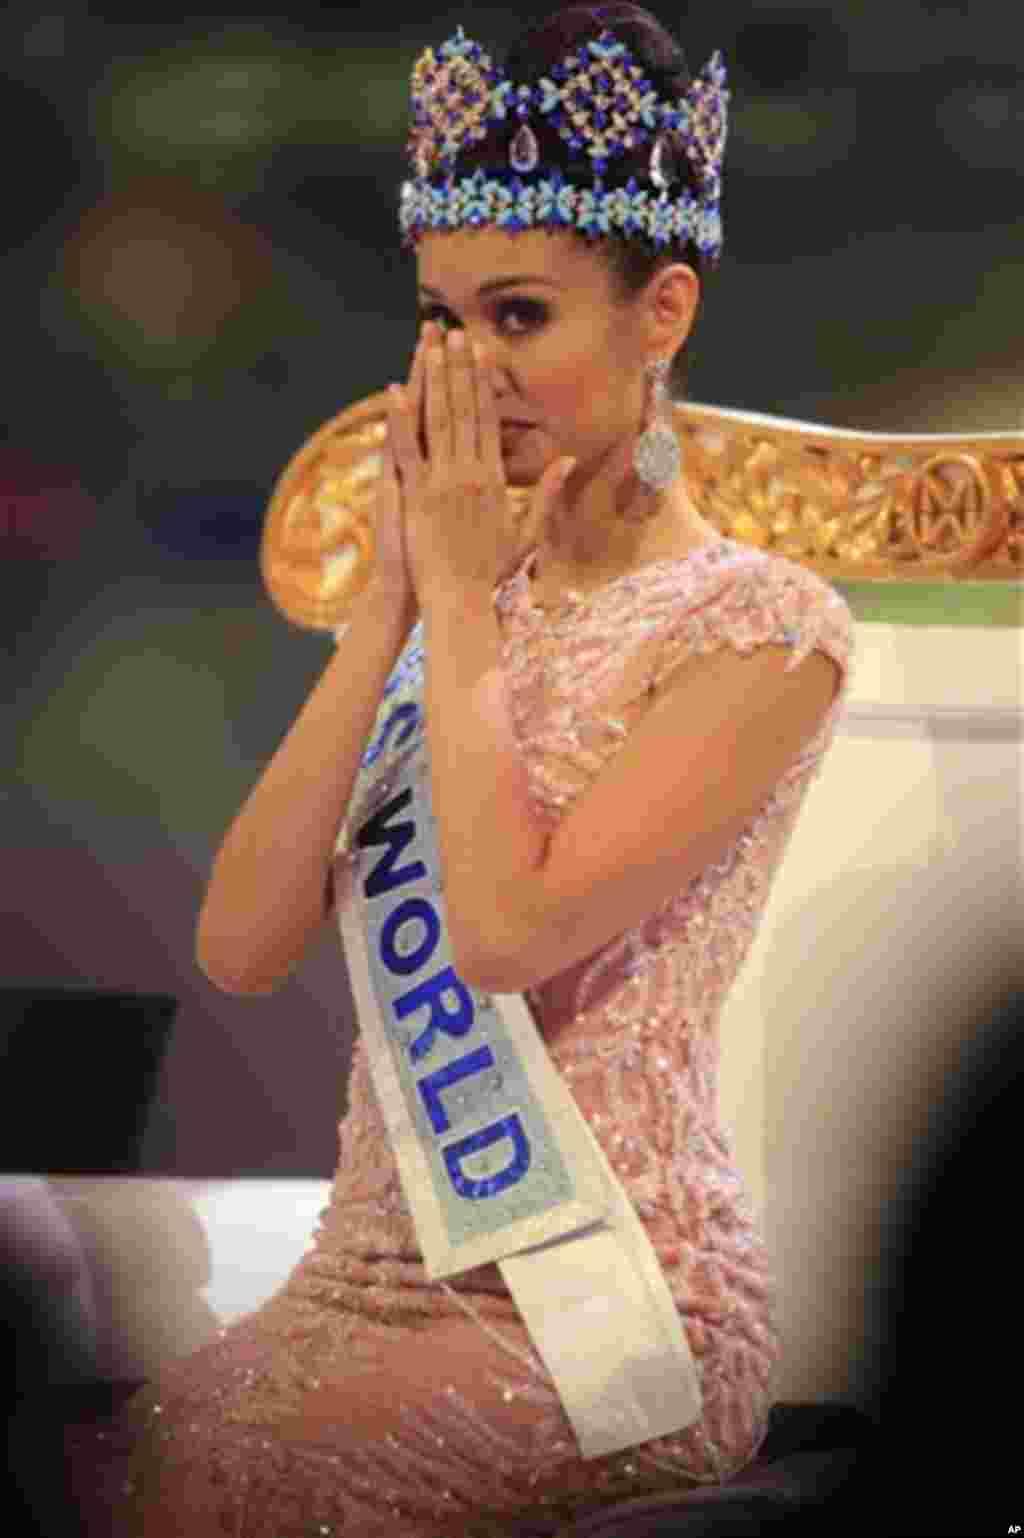 مس ورلڈ ۲۰۱۳ کیلئے نامزد ہونے والی فلیپائن کی میگن ینگ اپنے آنسو پوچھتے ہوئے۔